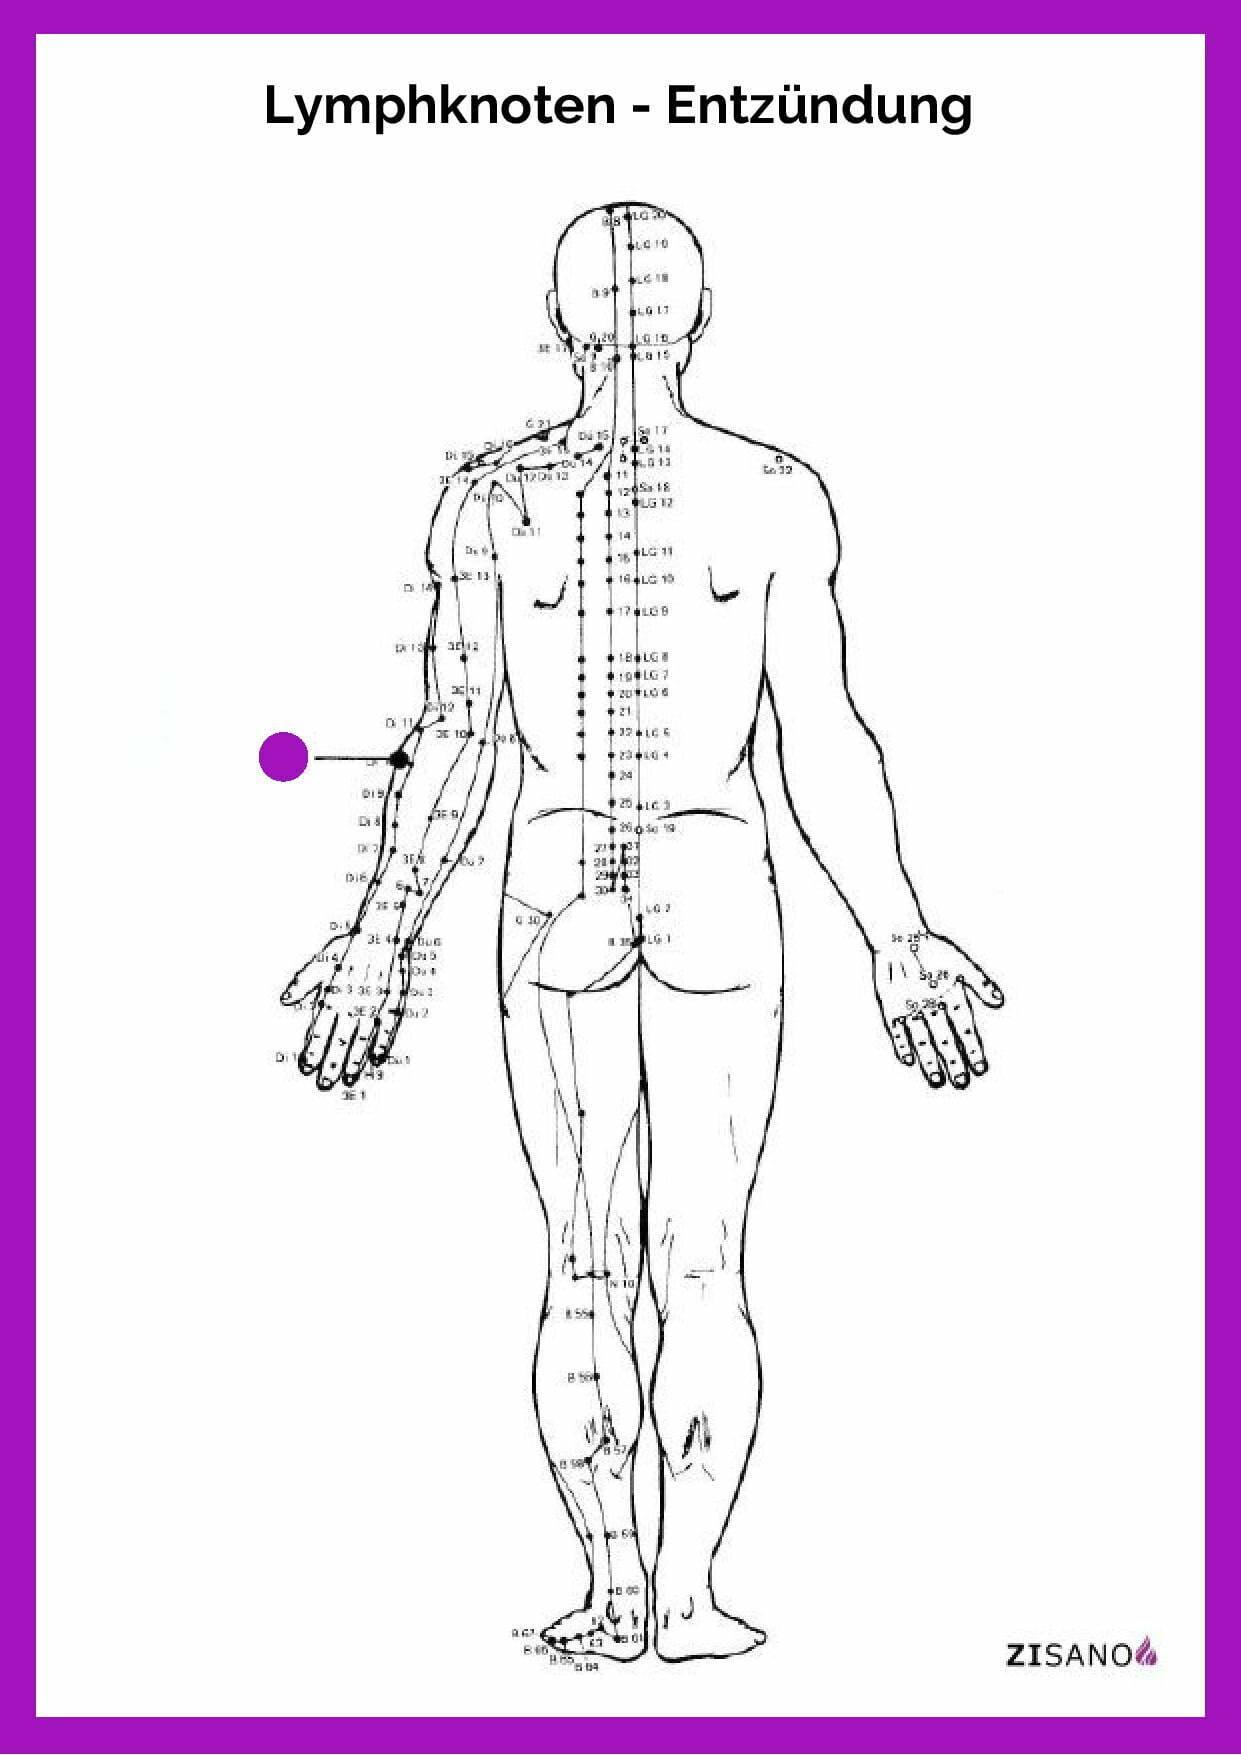 Meridiane - Lymphknoten - Entzündung - Beschwerden